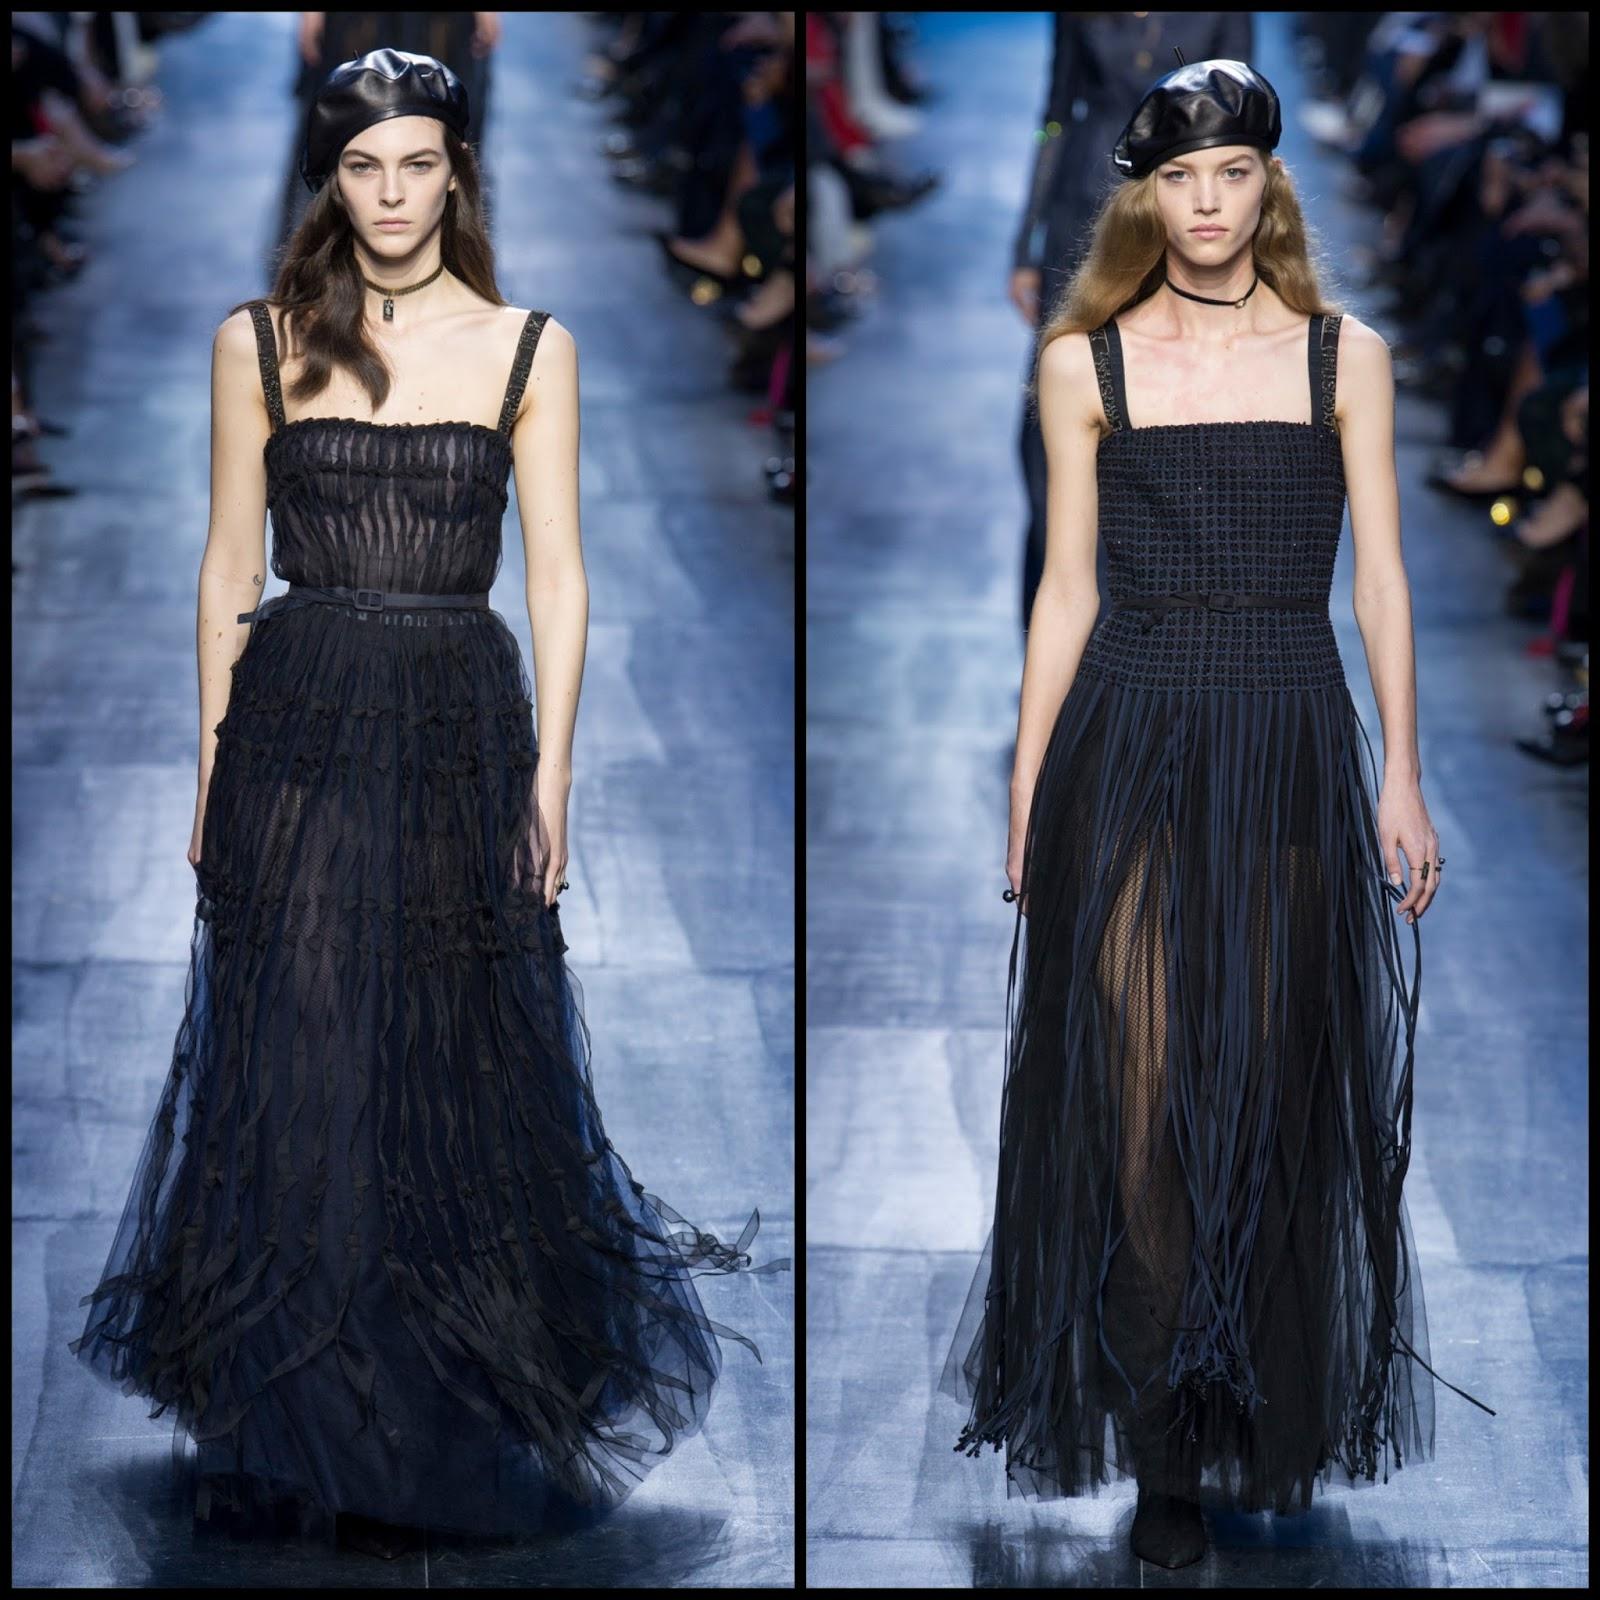 Tolle Dior Prom Kleider Galerie - Hochzeit Kleid Stile Ideen ...